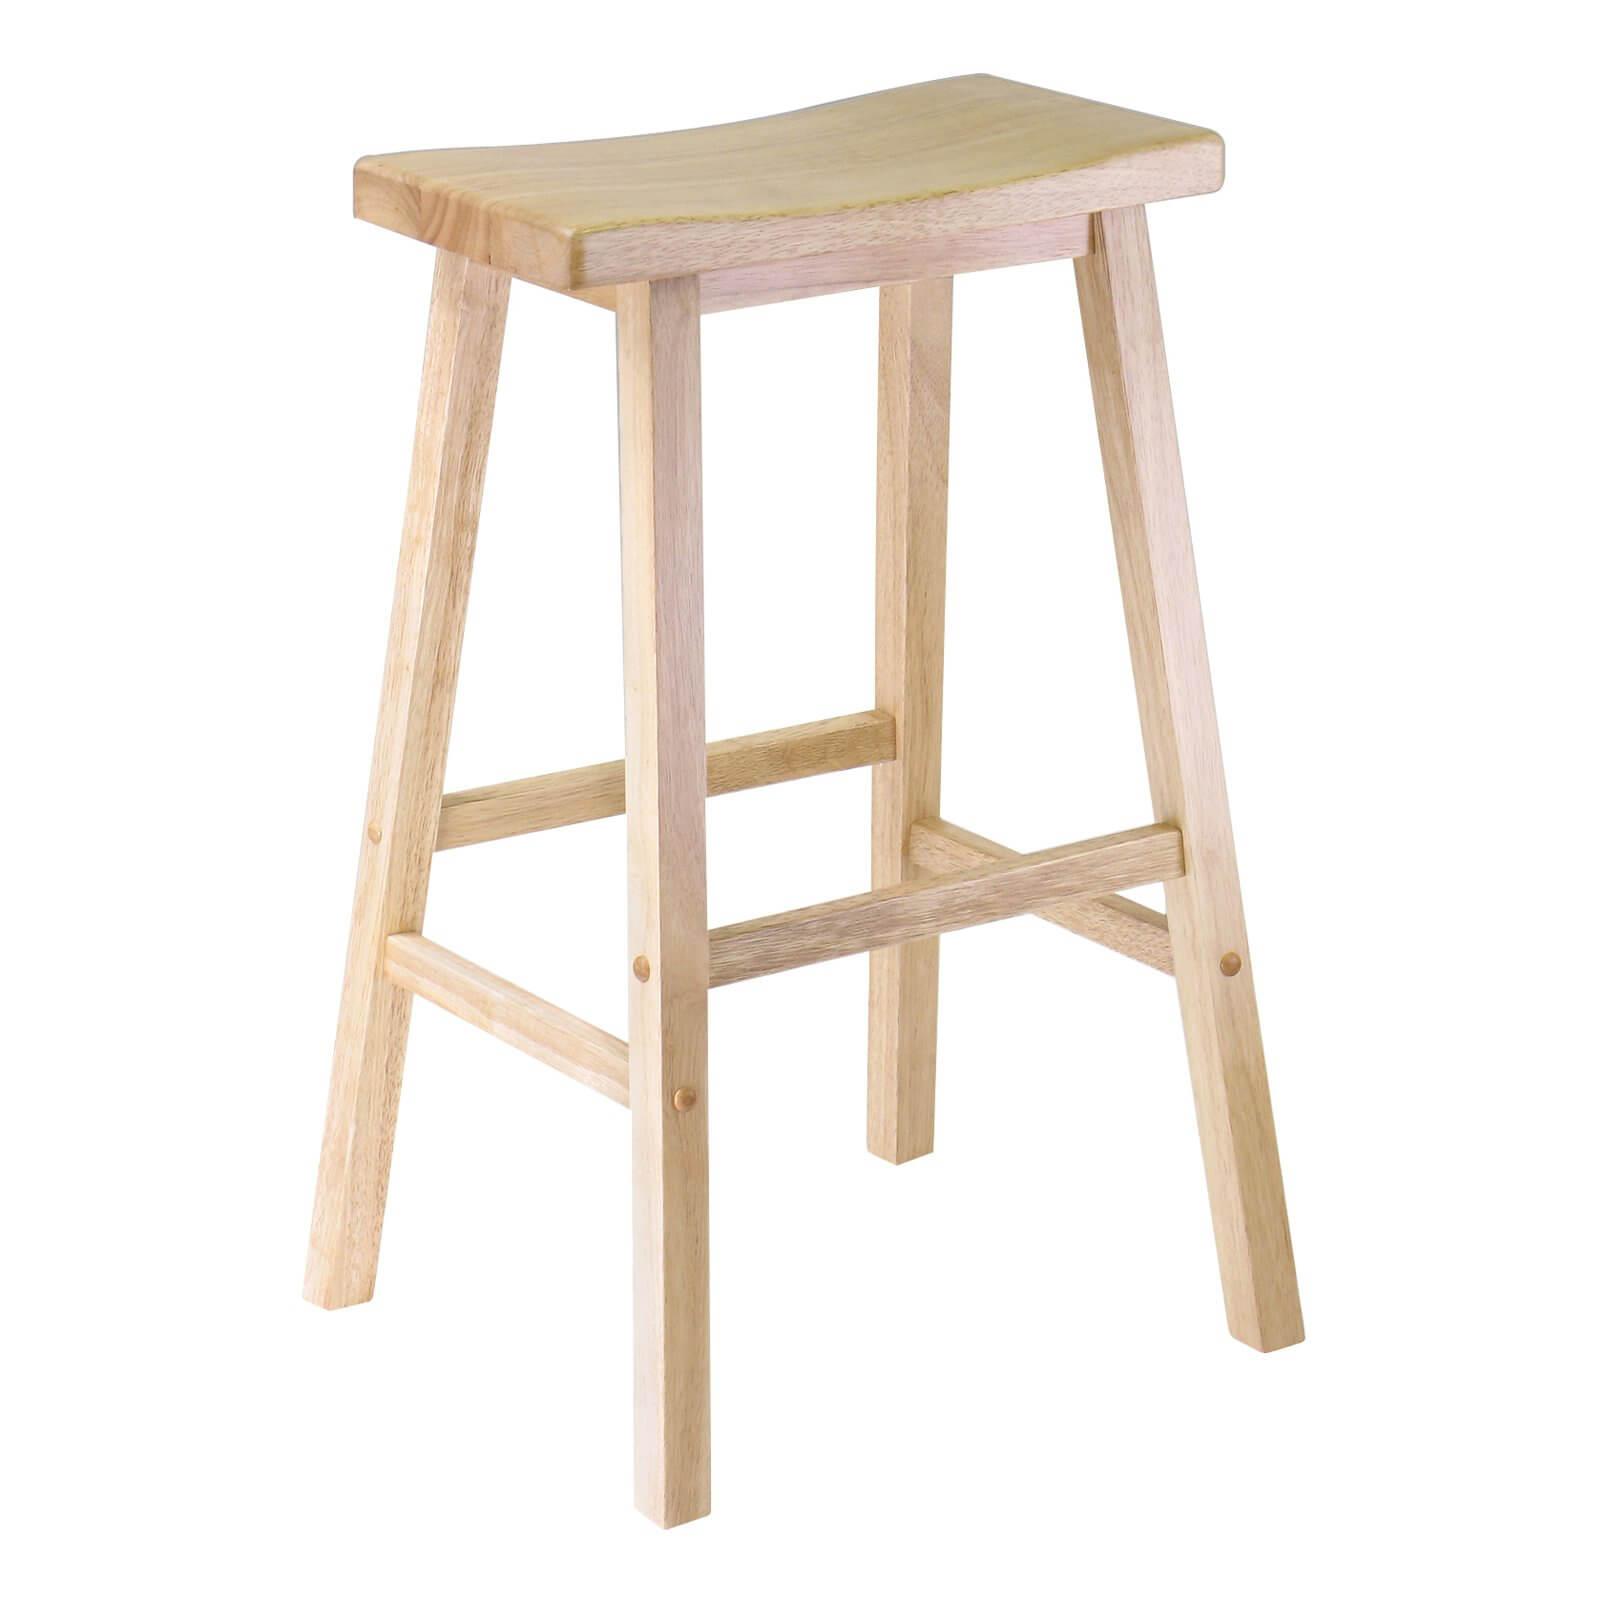 Pine wood backless saddle-style stool.